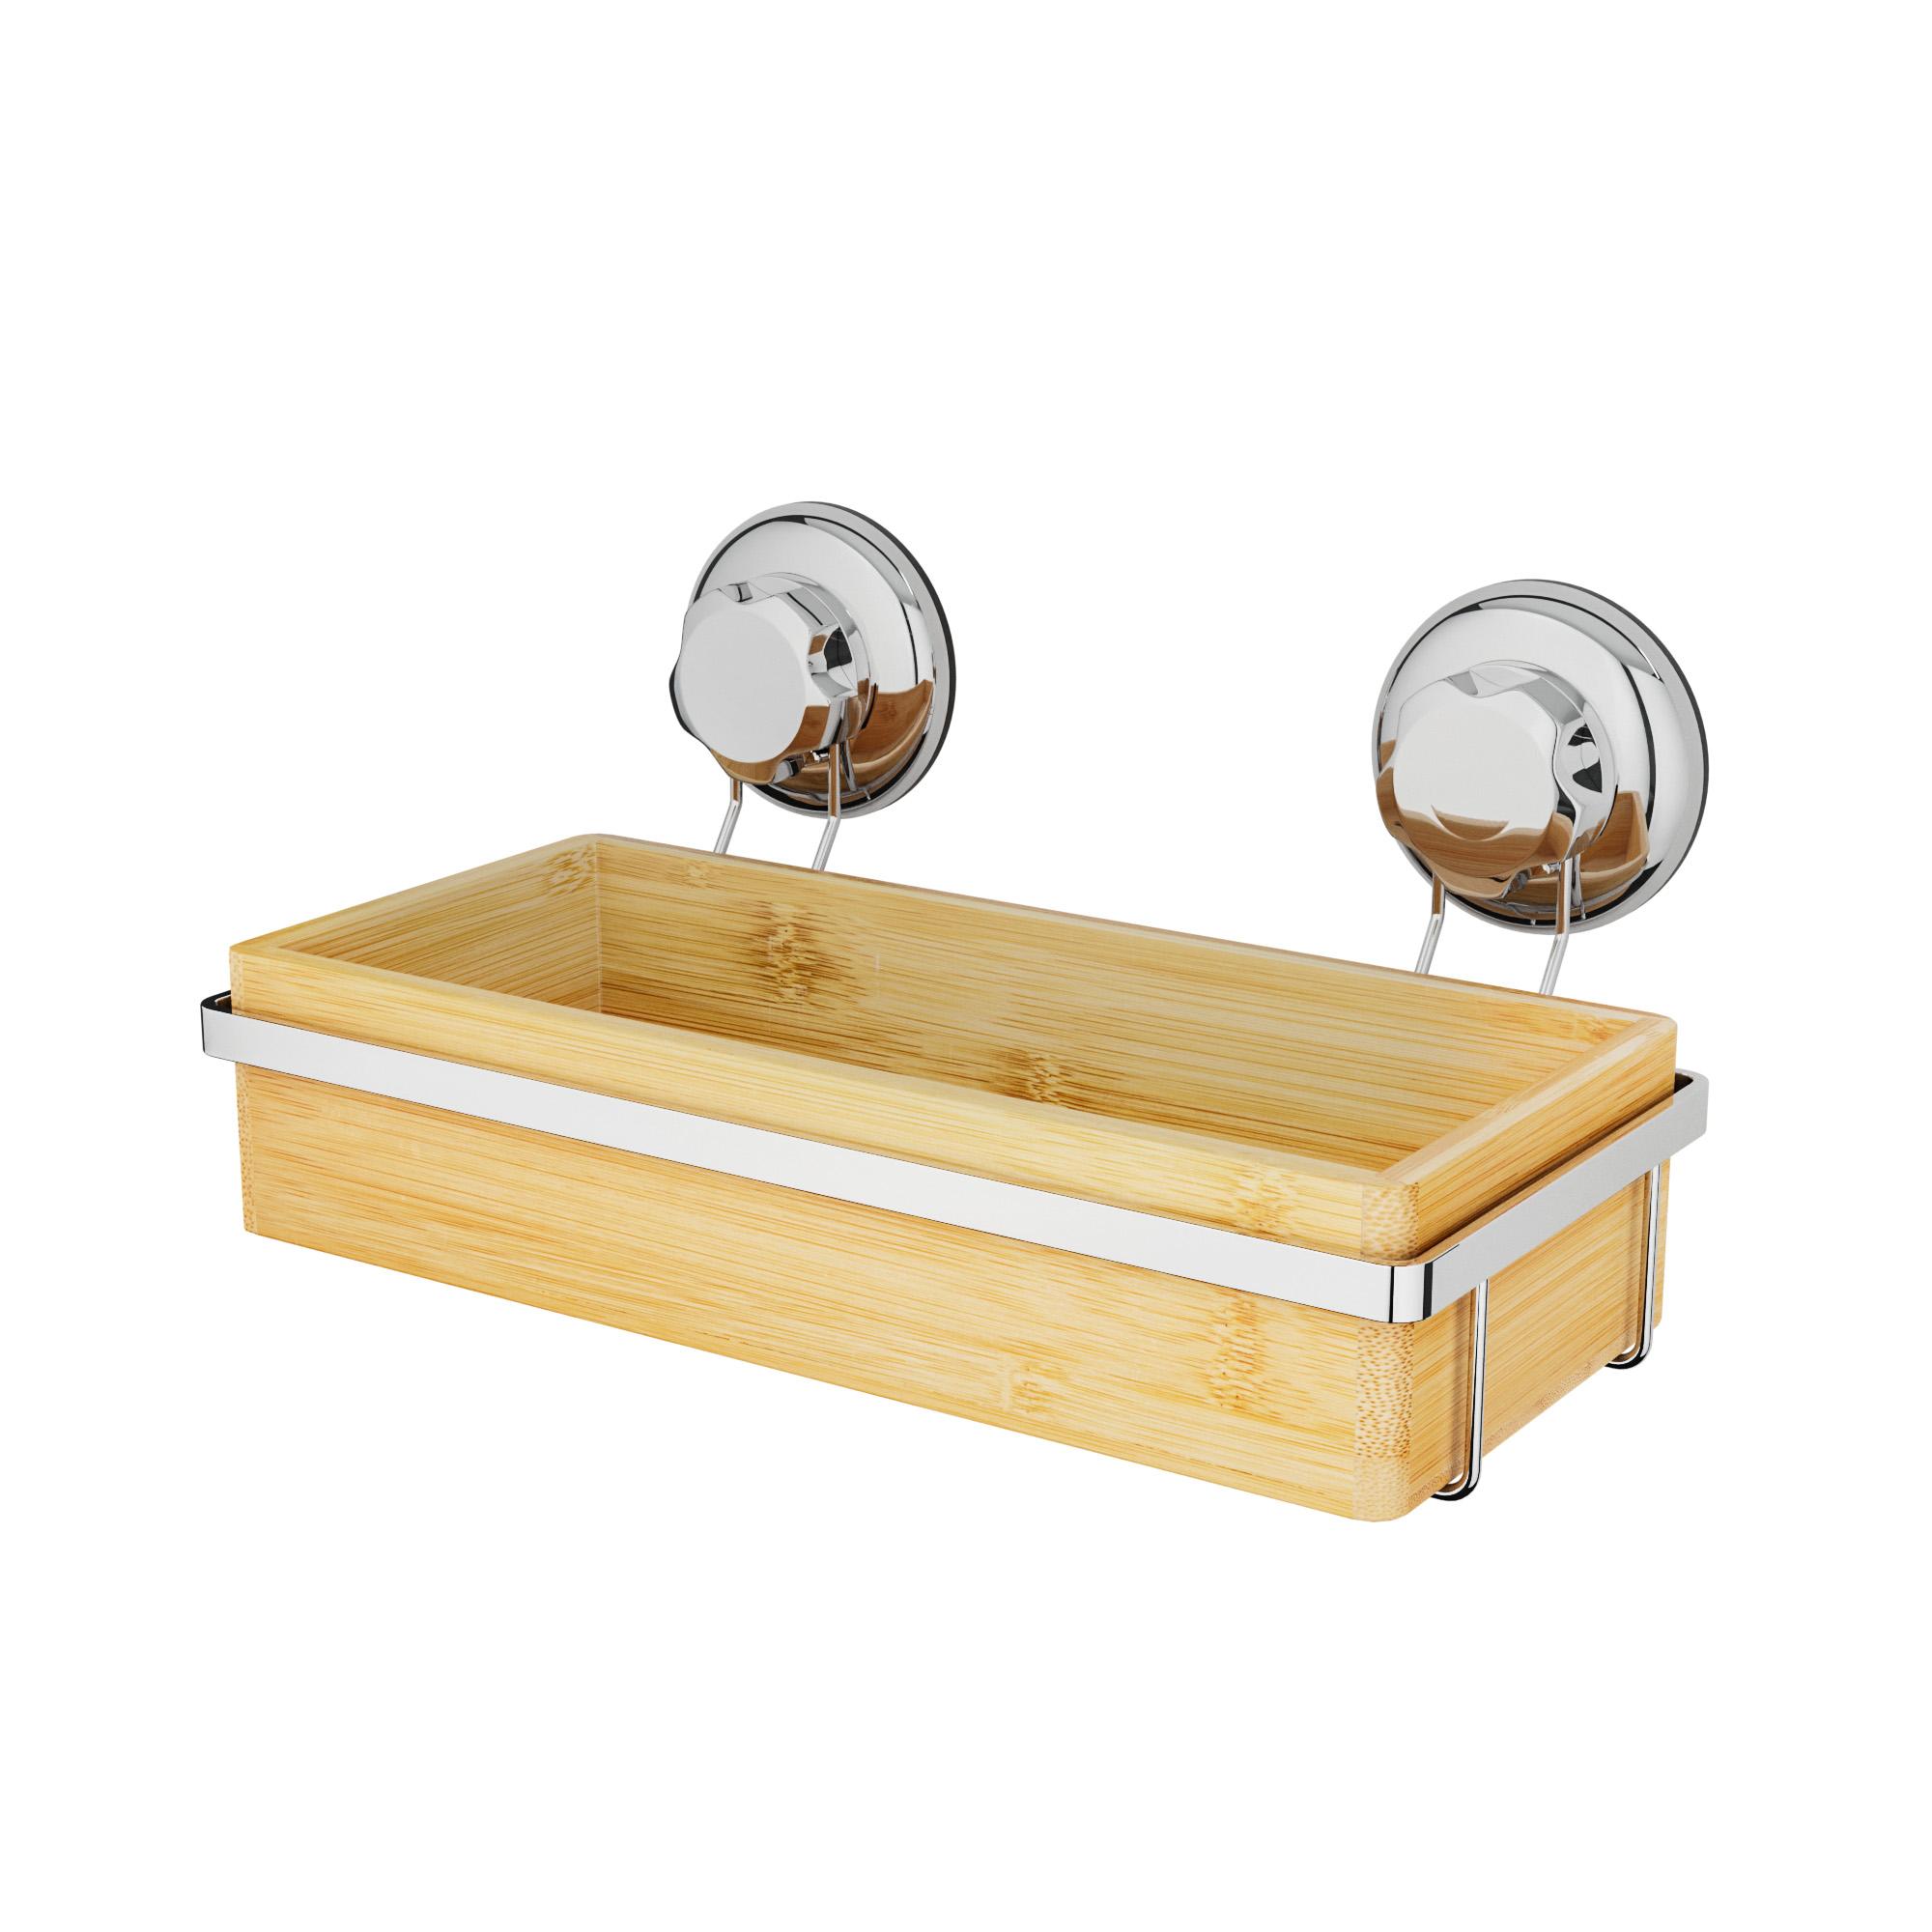 Porte-savon en bambou à ventouse